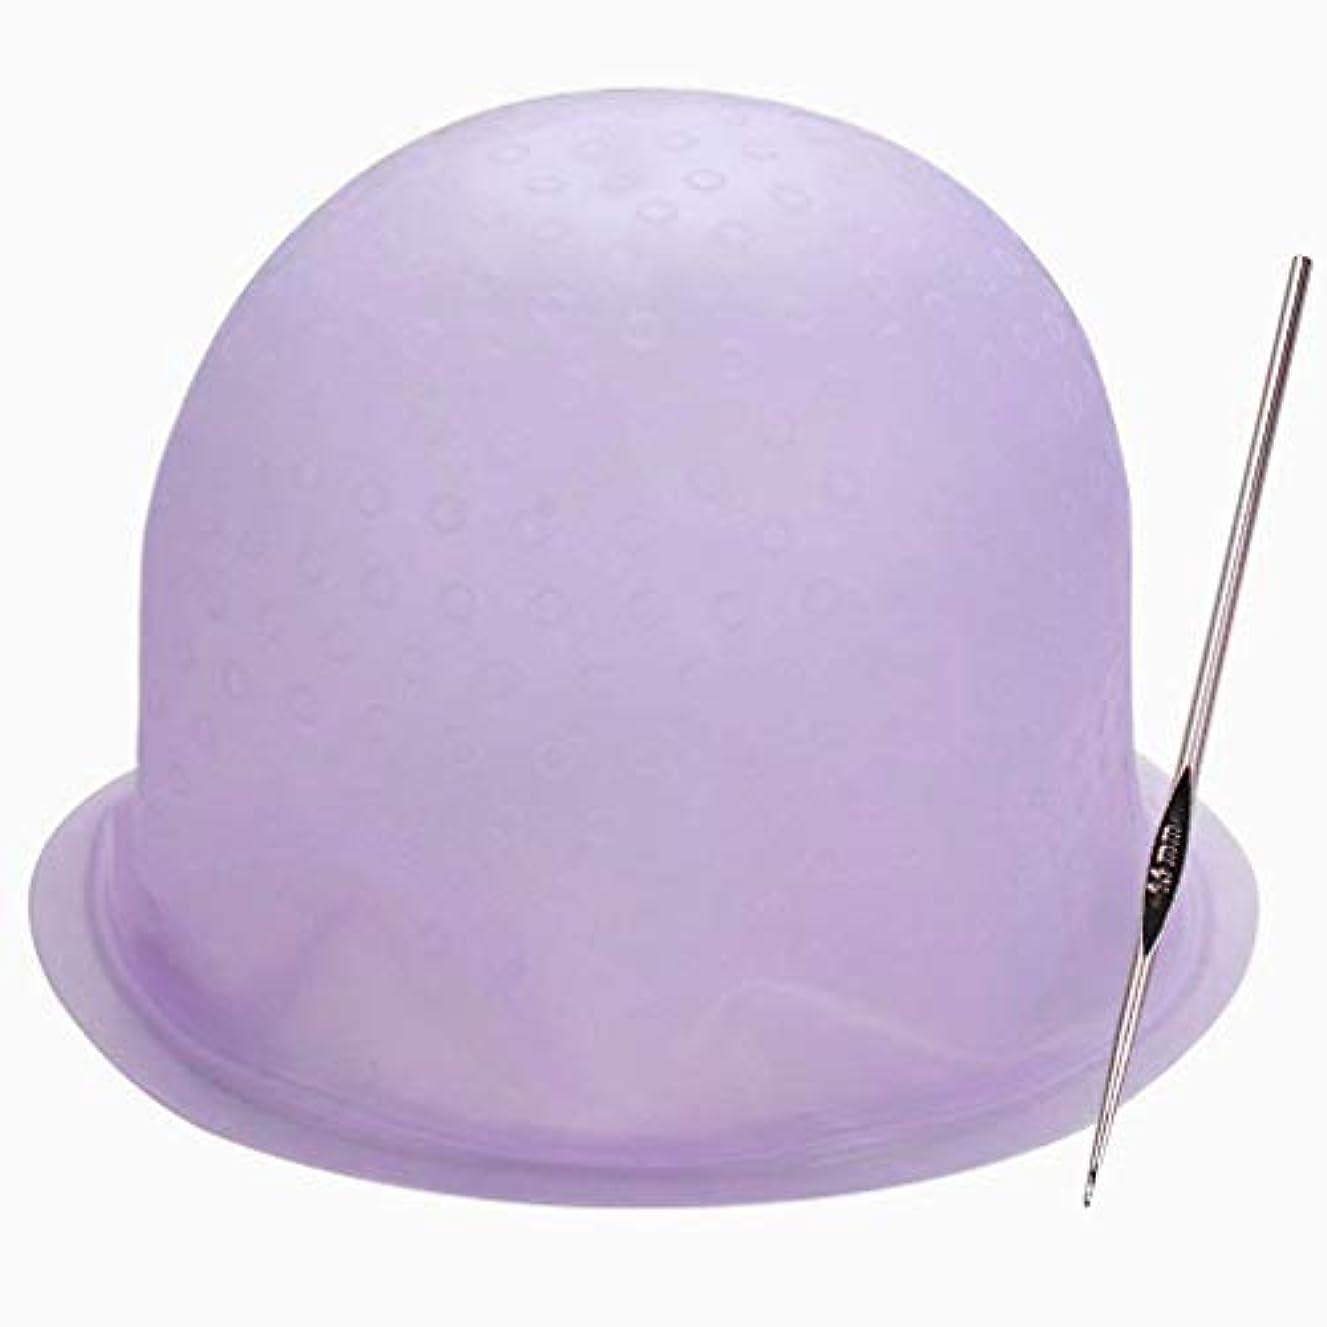 高速道路少数目指す毛染めキャップ コスプレ ヘアカラー ハイライト ブリーチ ライブ イベント用 シリコン メッシュキャップ 帽 髪染め カラーリング 不要な染めを避ける 洗って使える(紫)